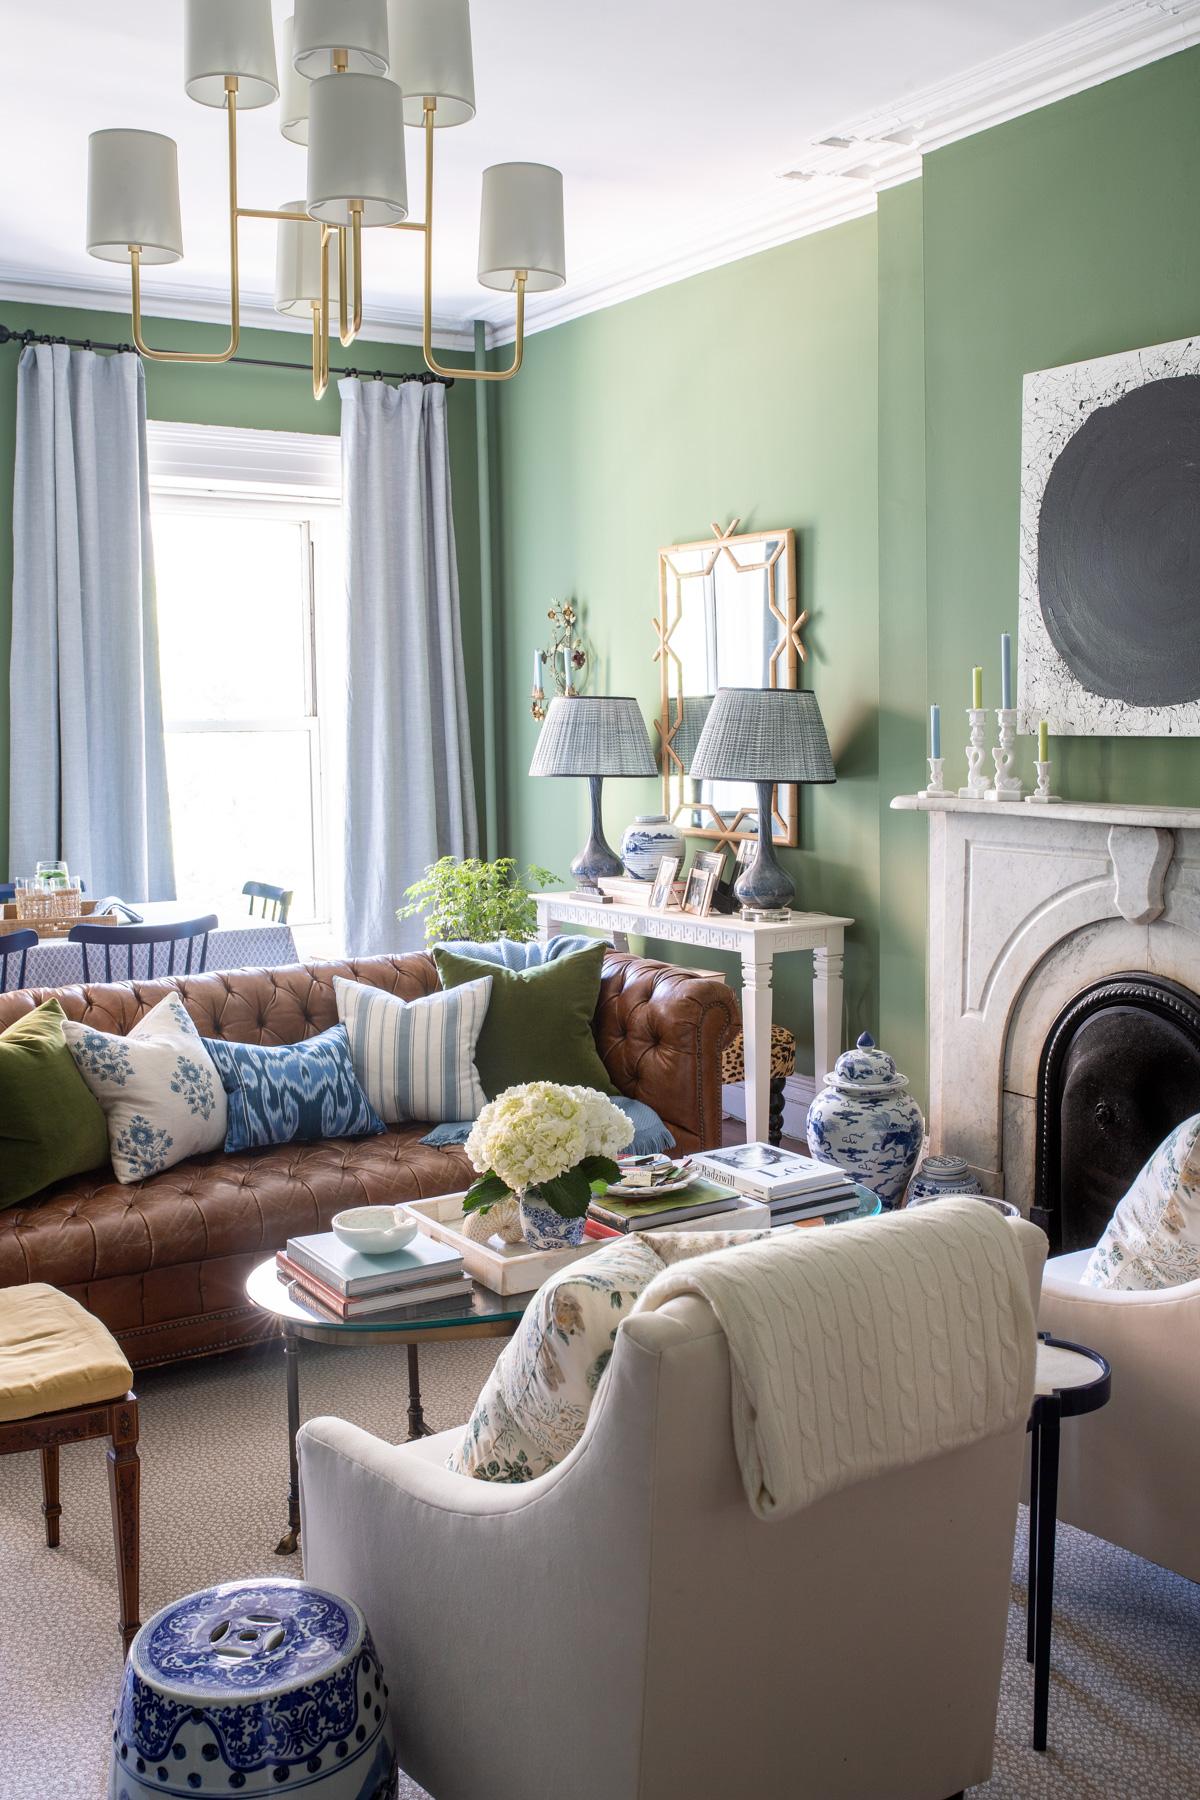 Stacie Flinner x NY Apartment Tour Living Room-101.jpg